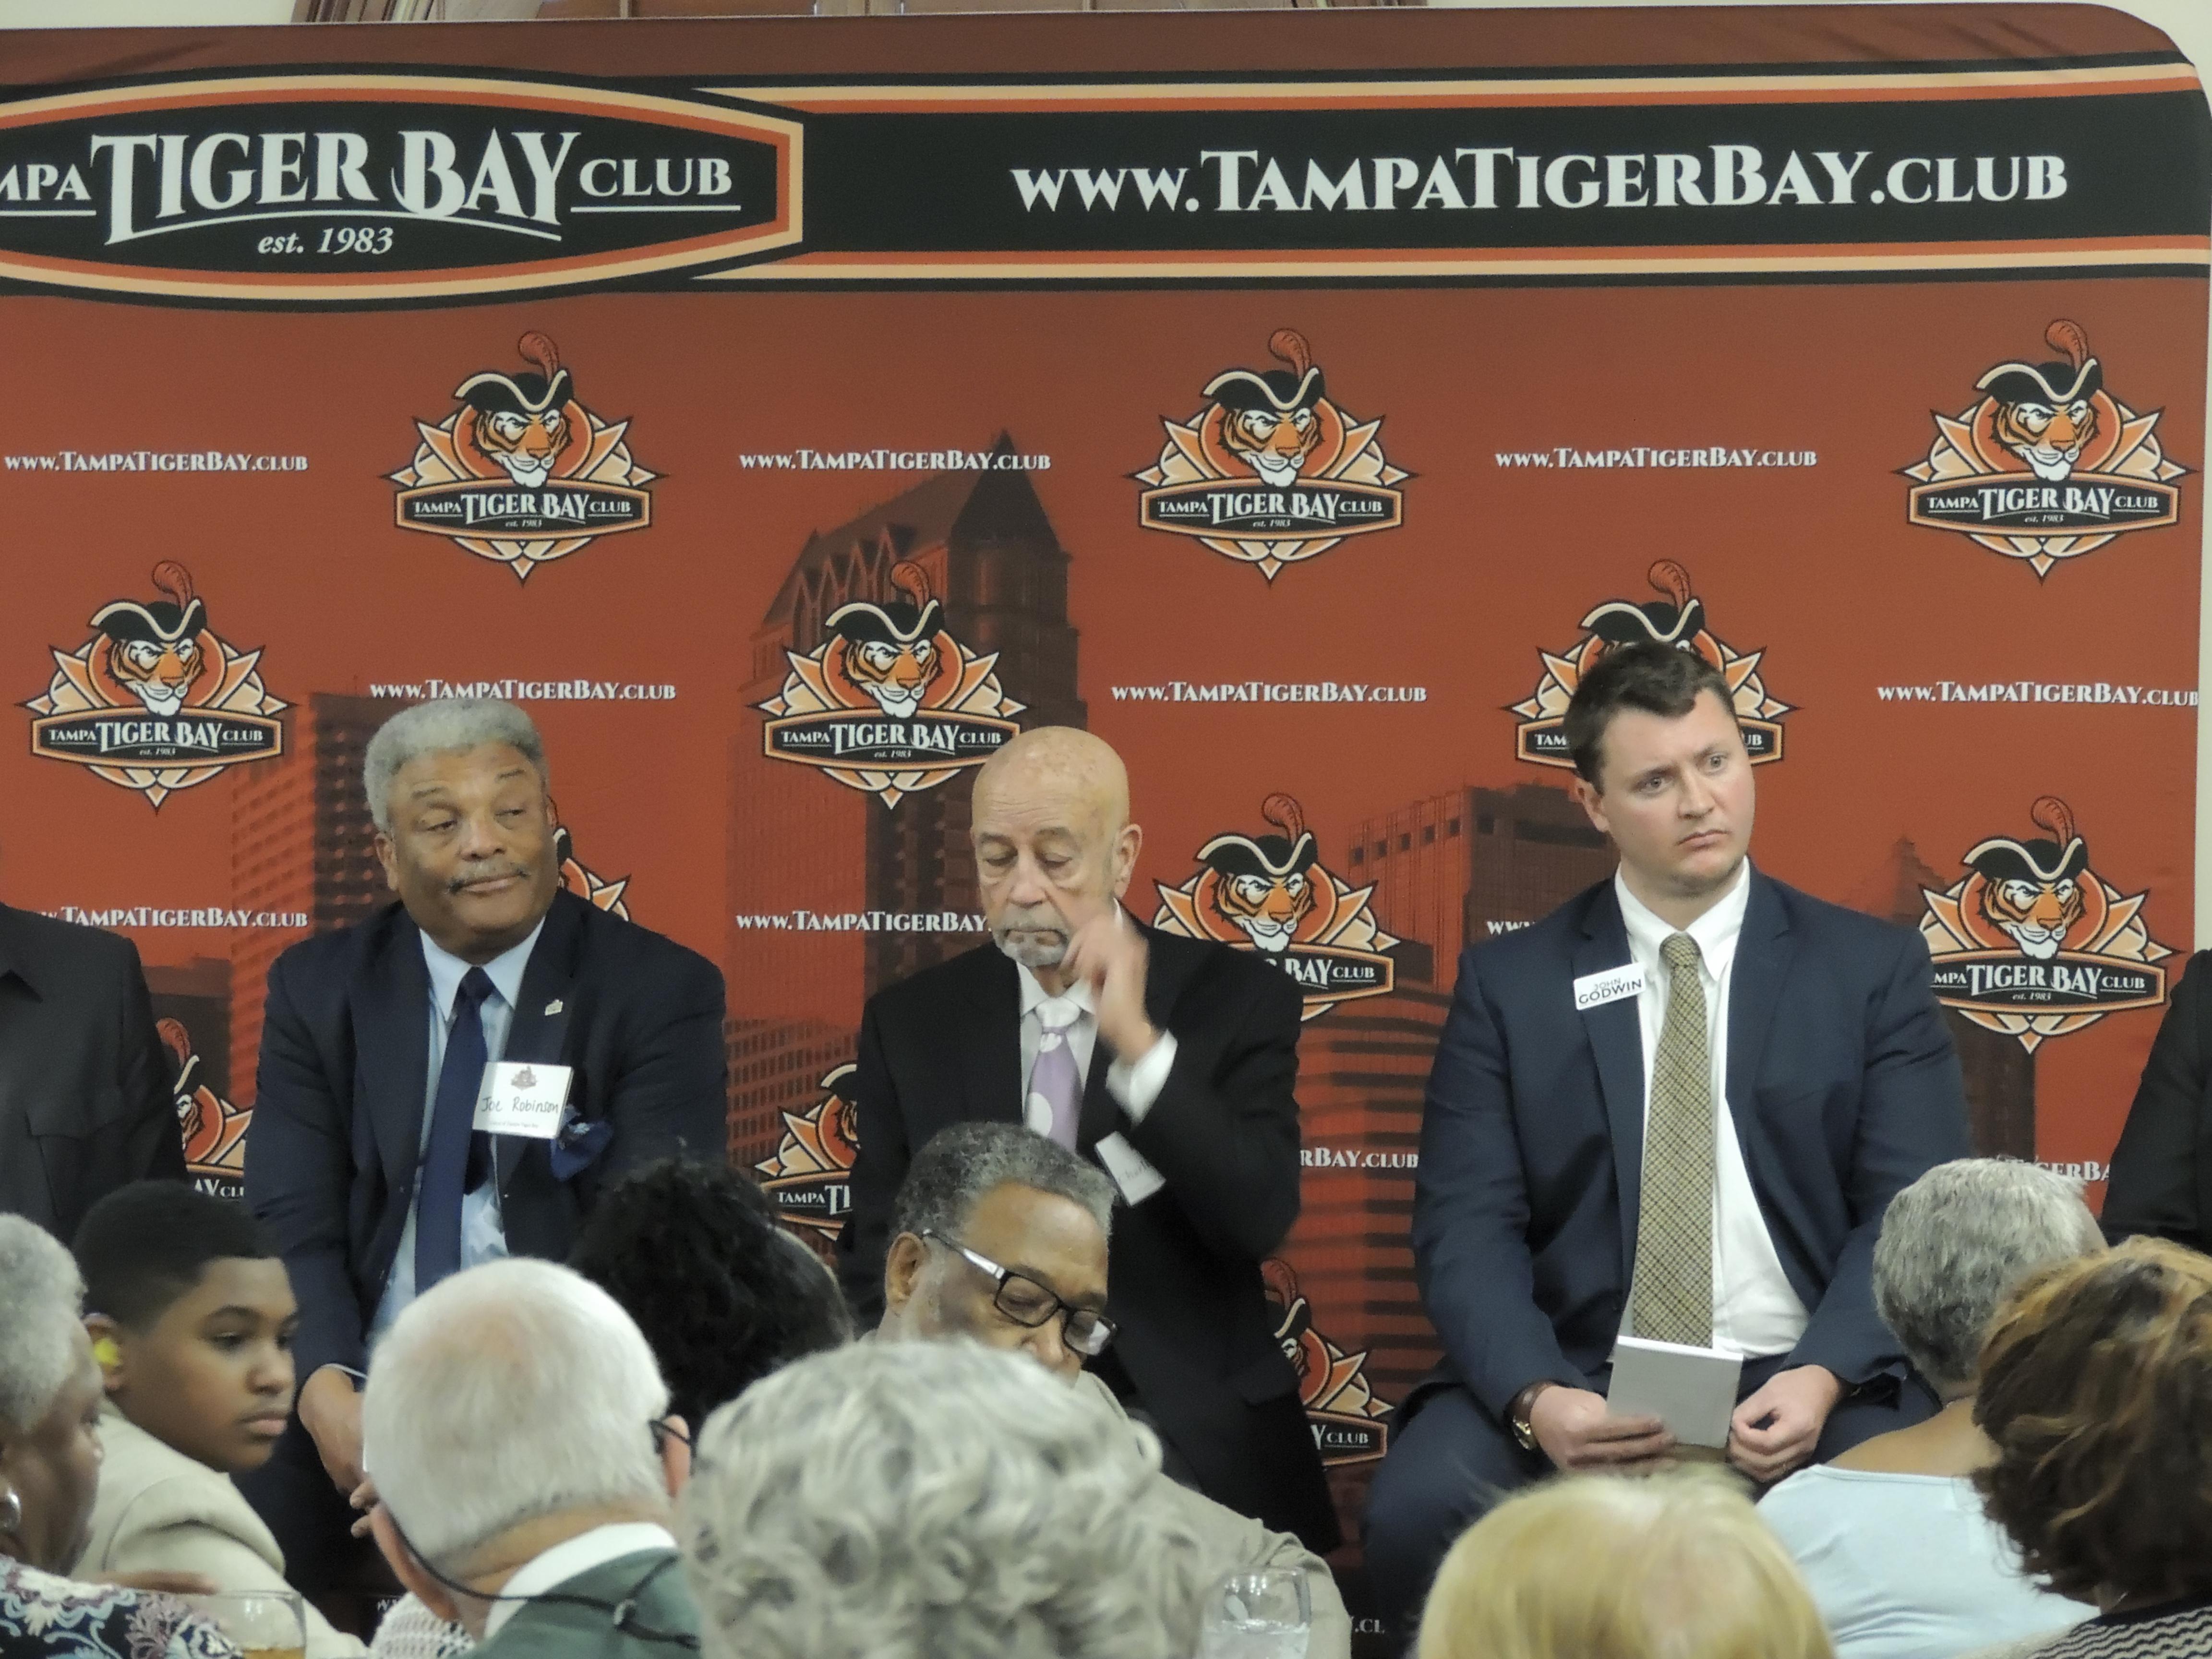 Tampa City Council candidates at Tampa Tiger Bay Club